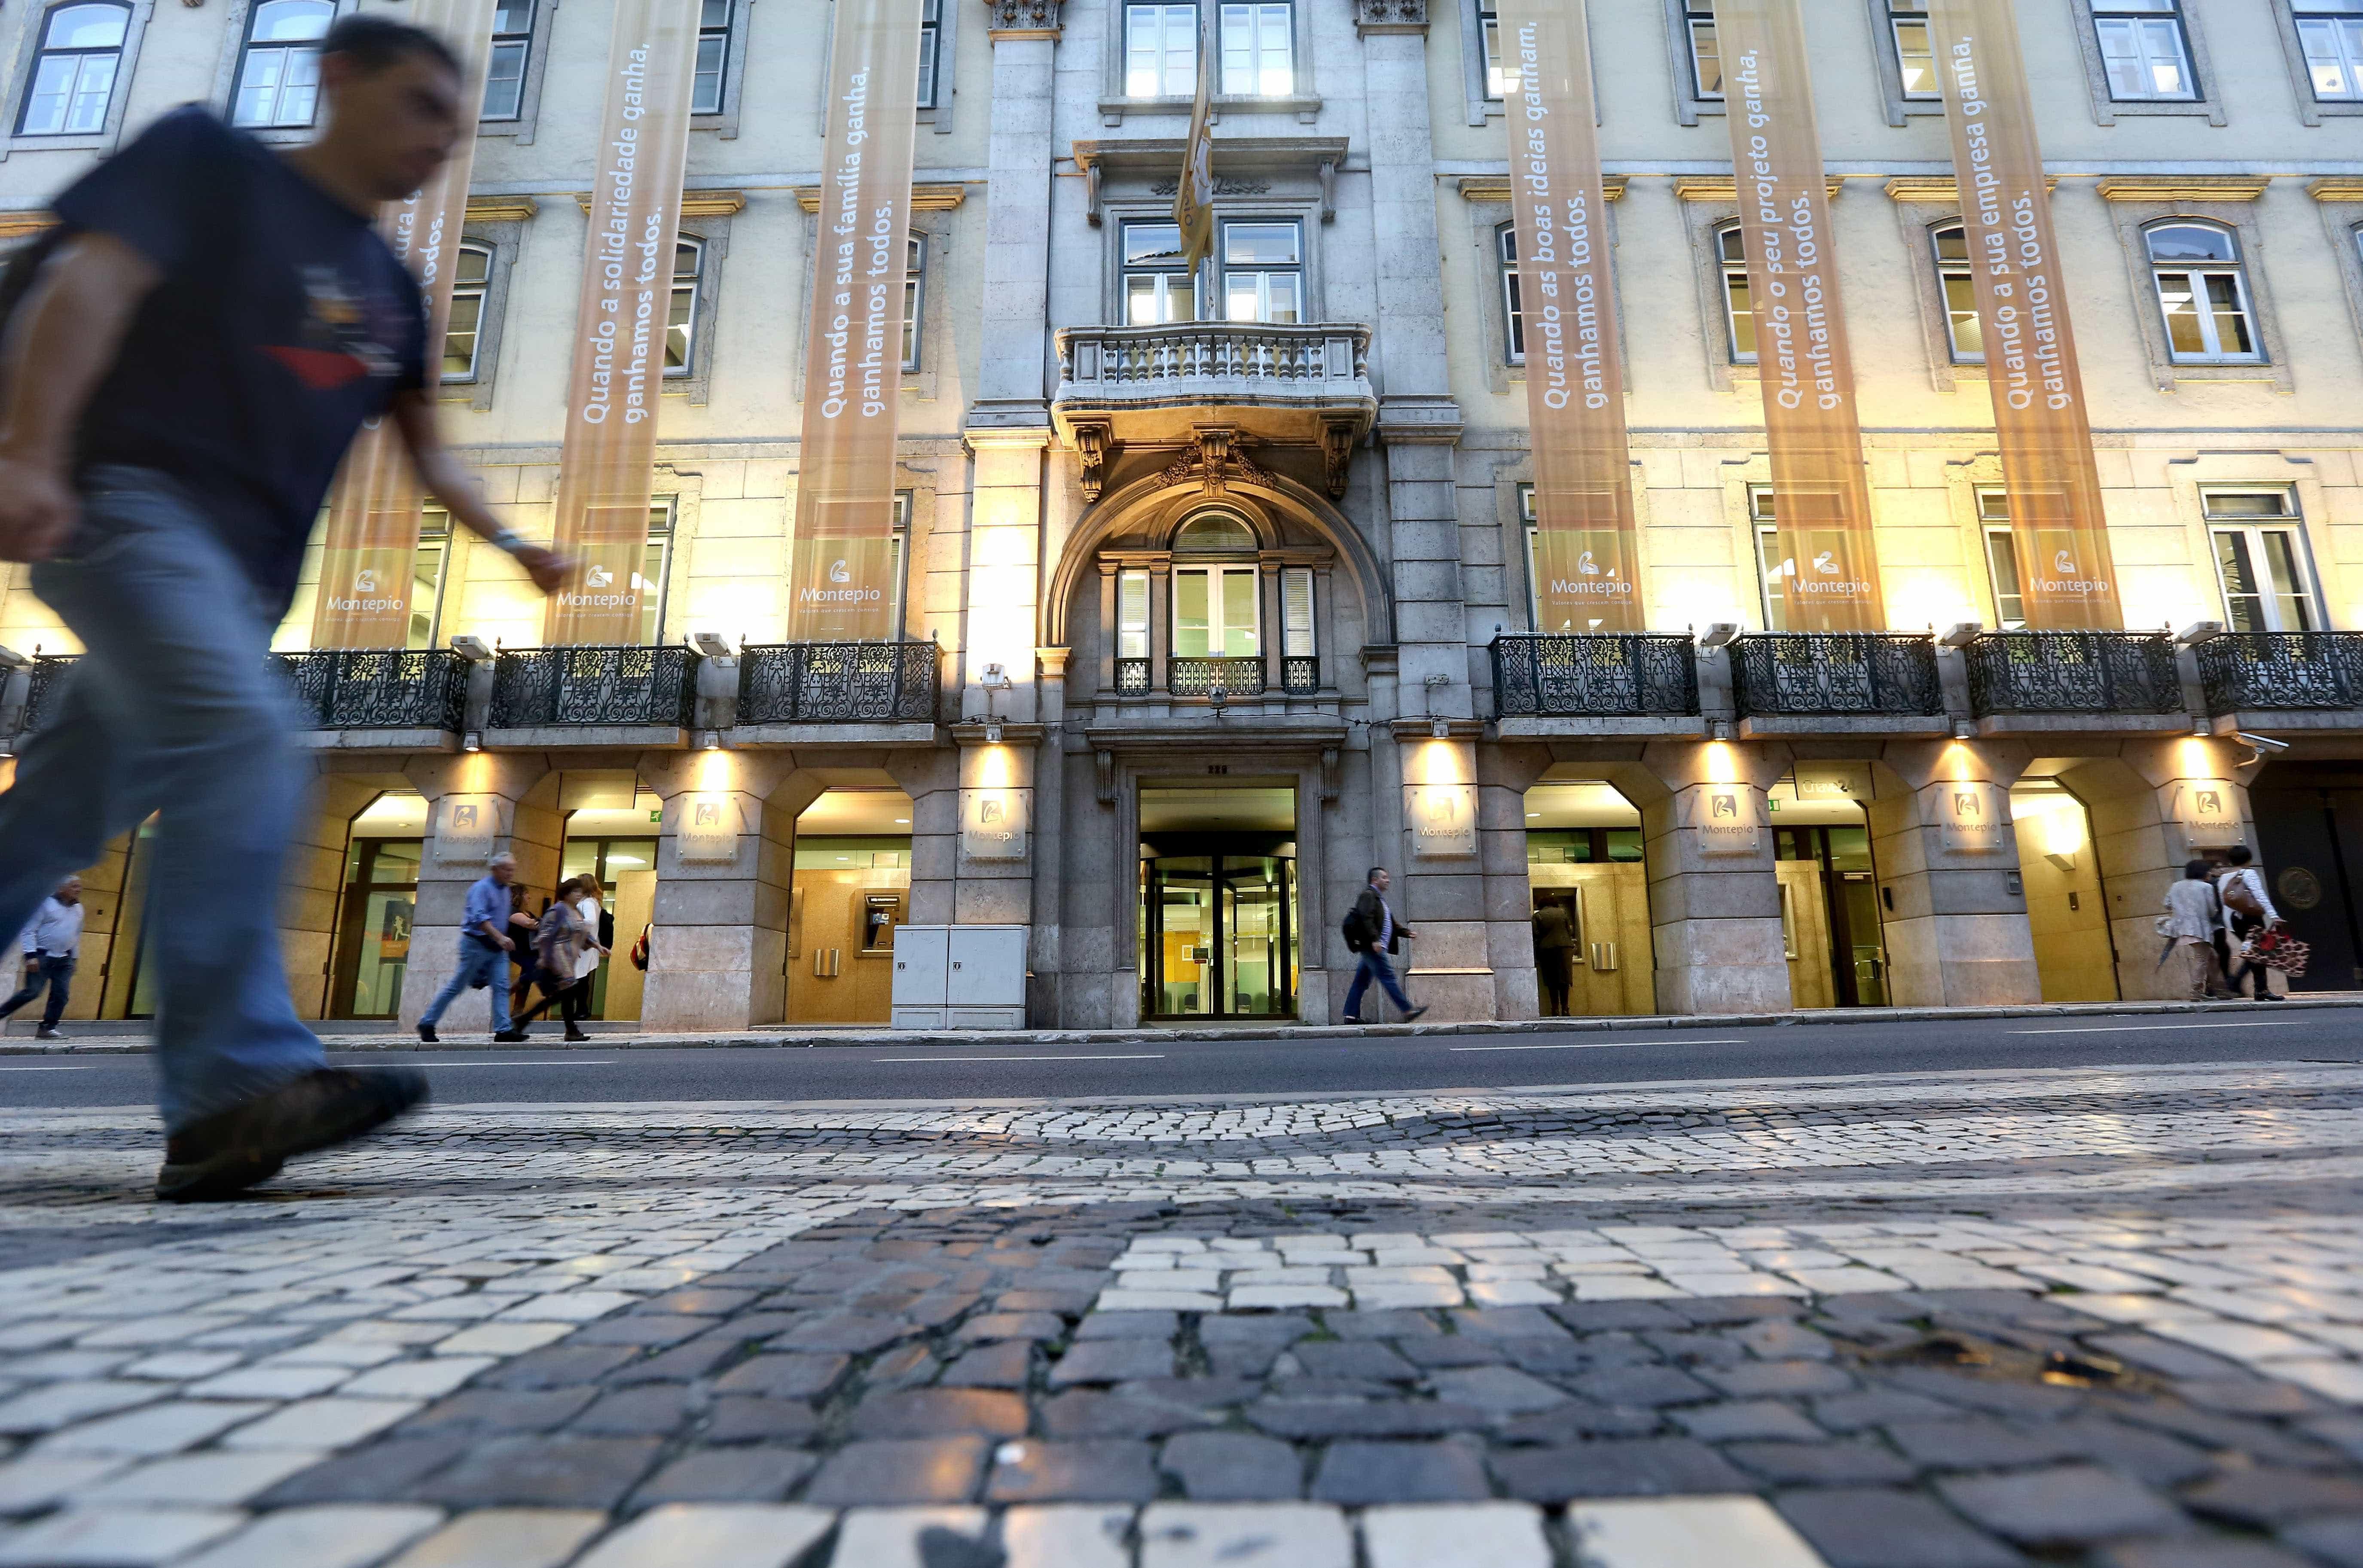 MP e BdP estão a investigar aumento de capital do Montepio